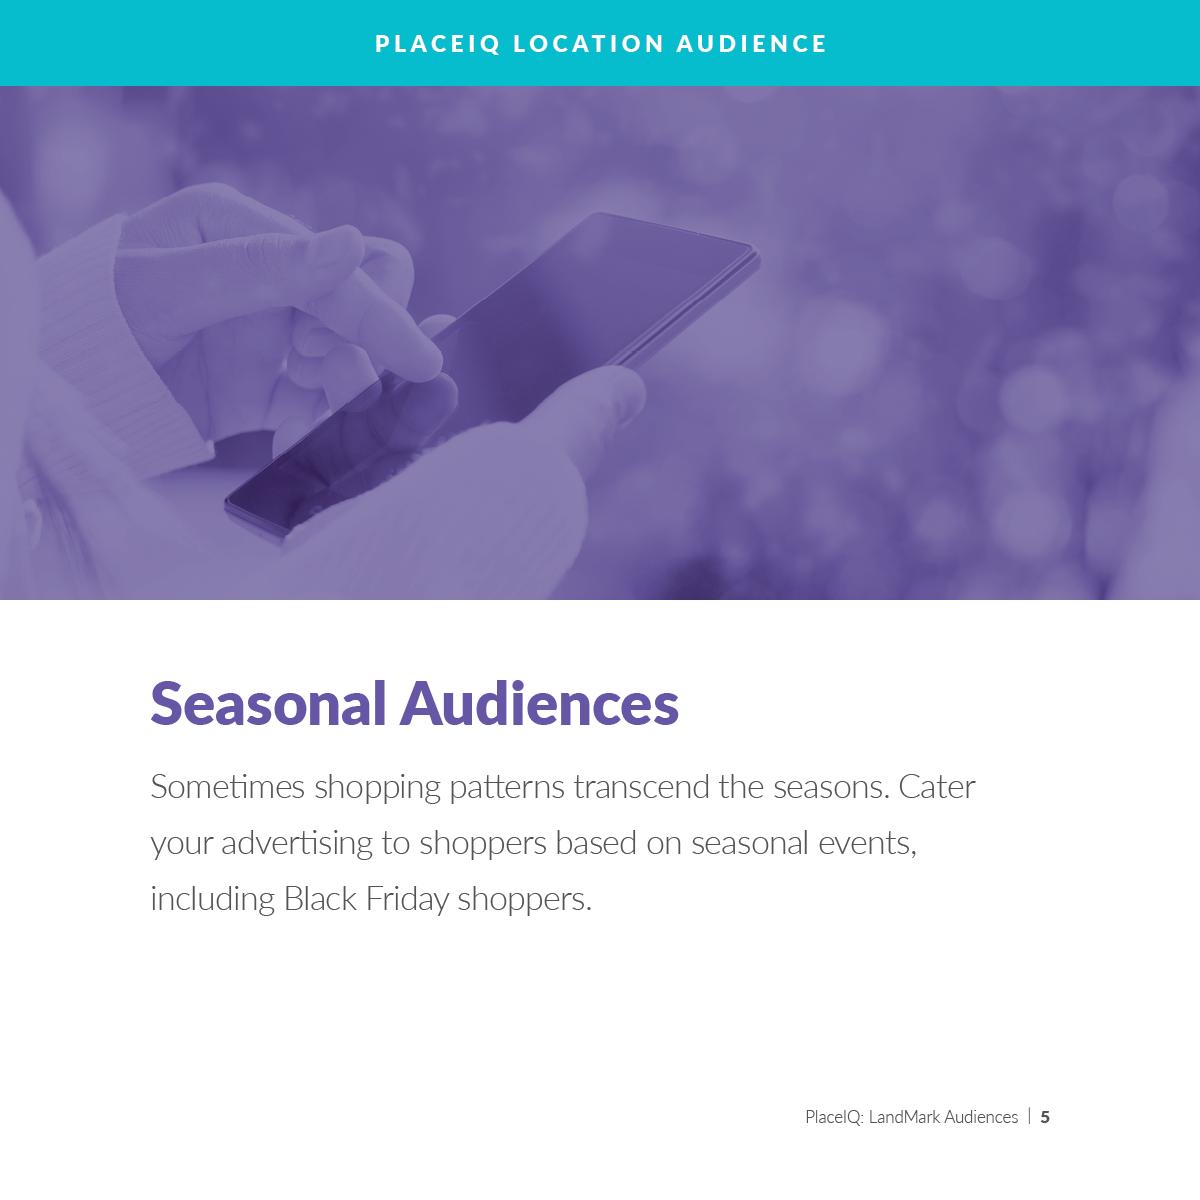 Seasonal Audiences